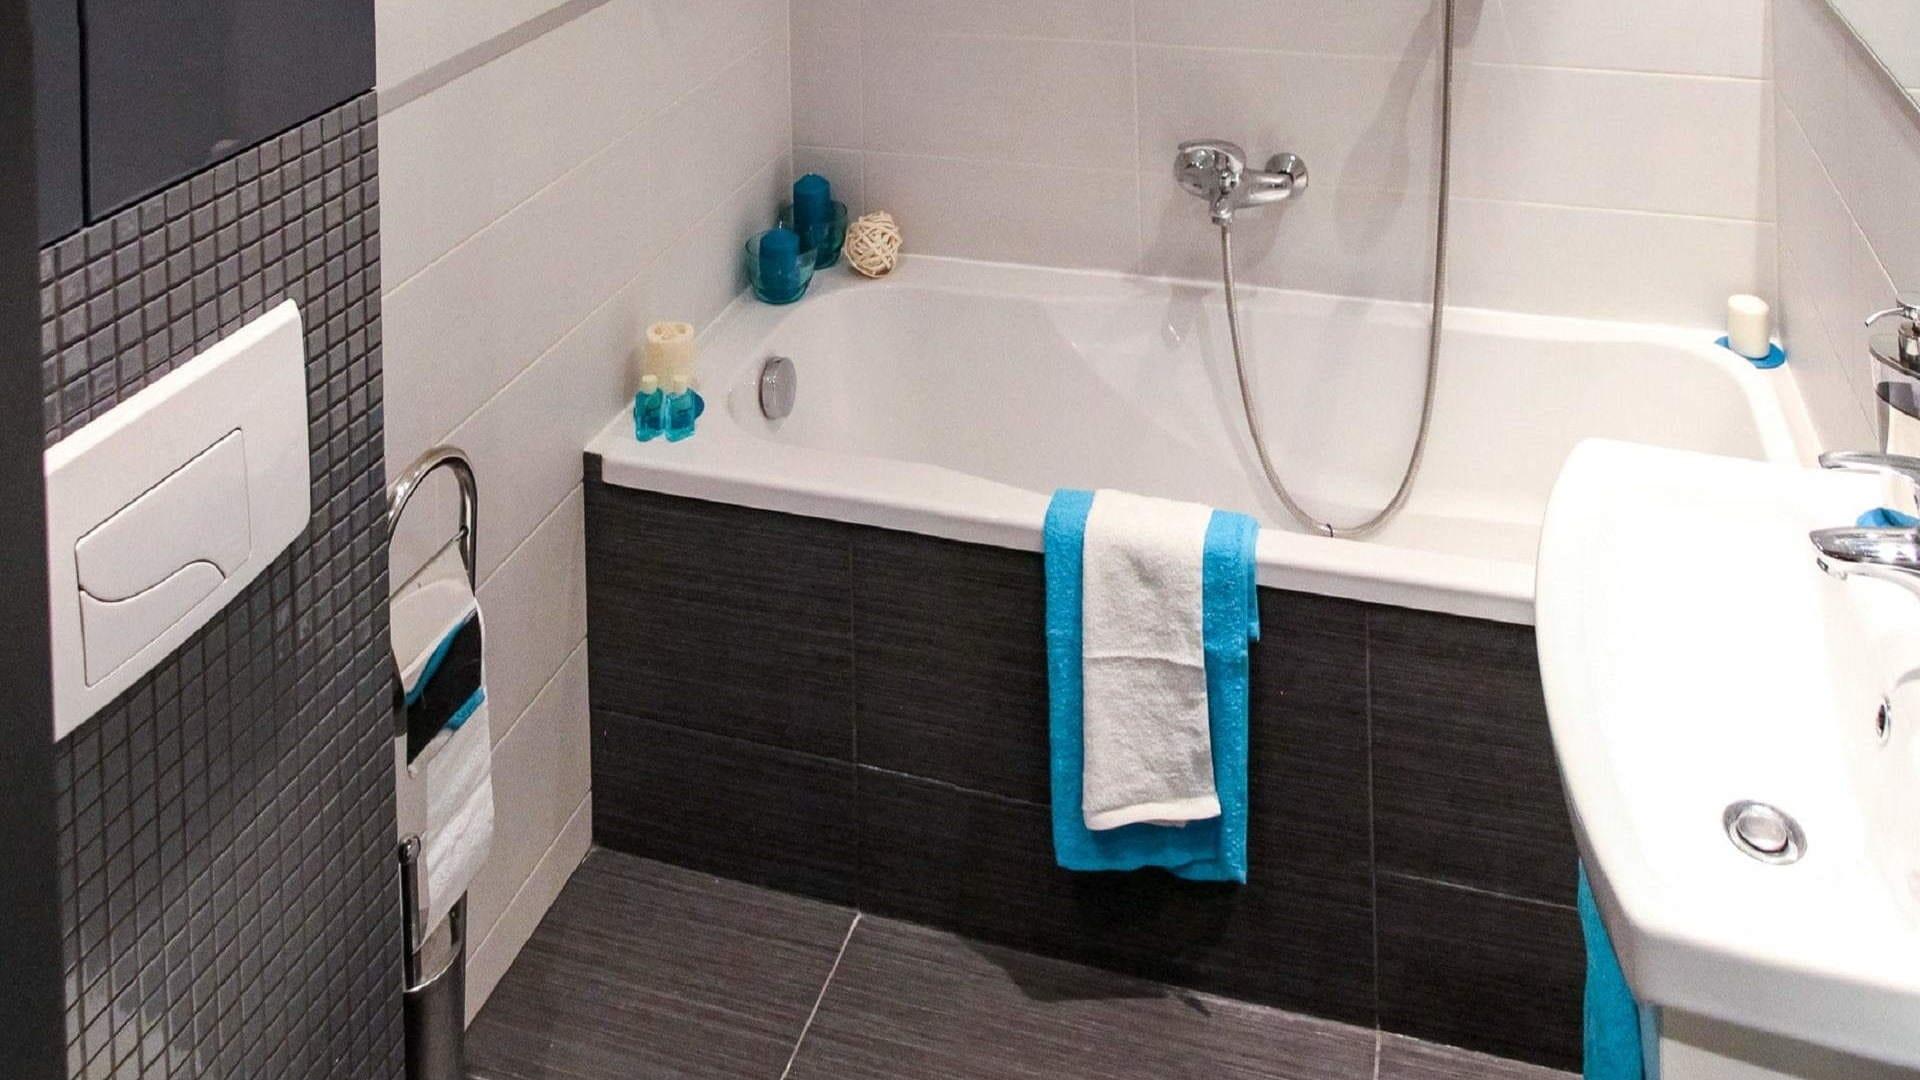 Montaggio Vasca Da Bagno Angolare : I migliori installatori di vasca da bagno da incasso a reggio